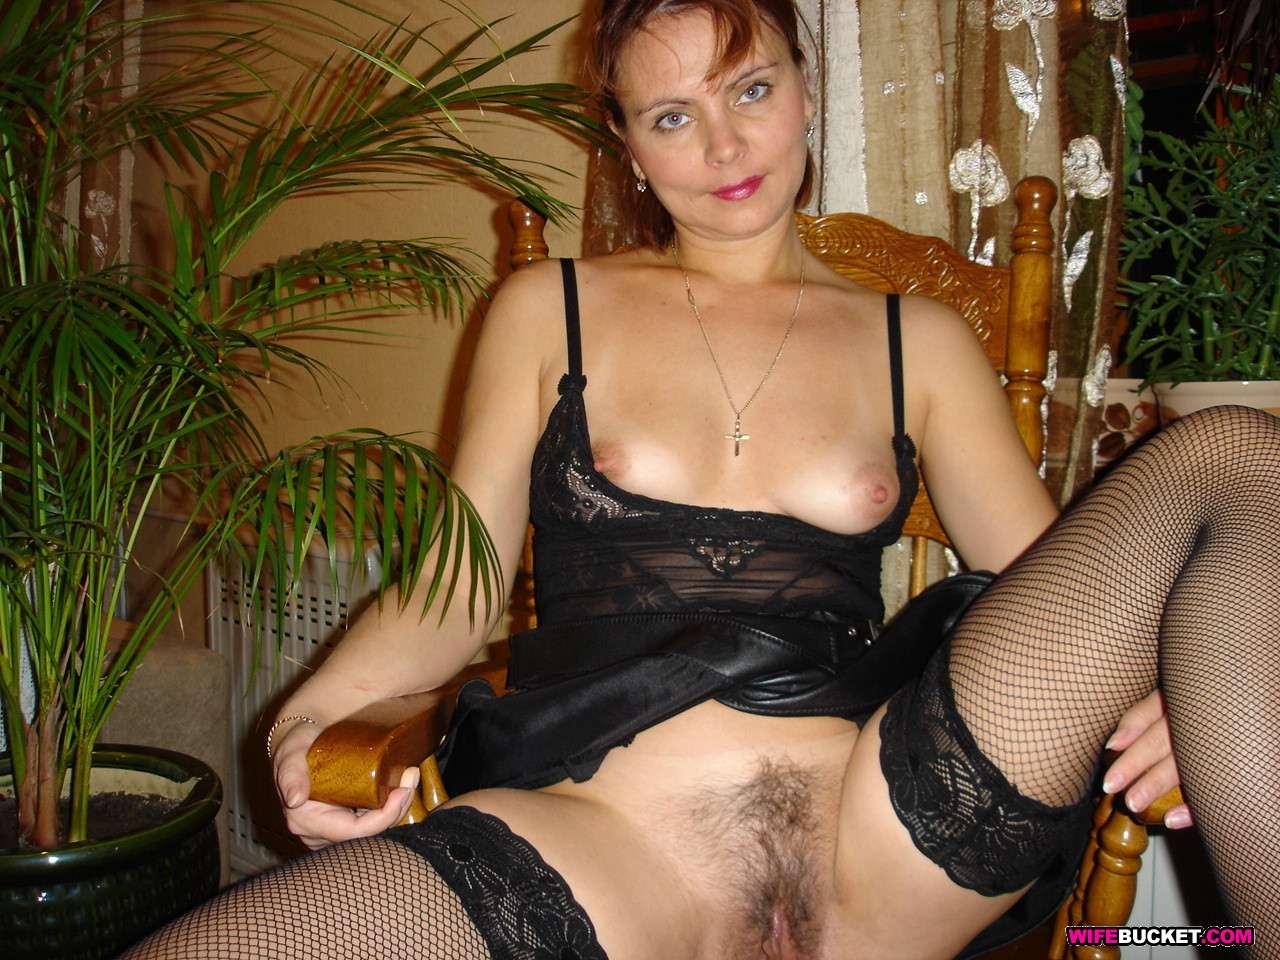 Порно фото зрелых женщин бесплатно на СексШокру